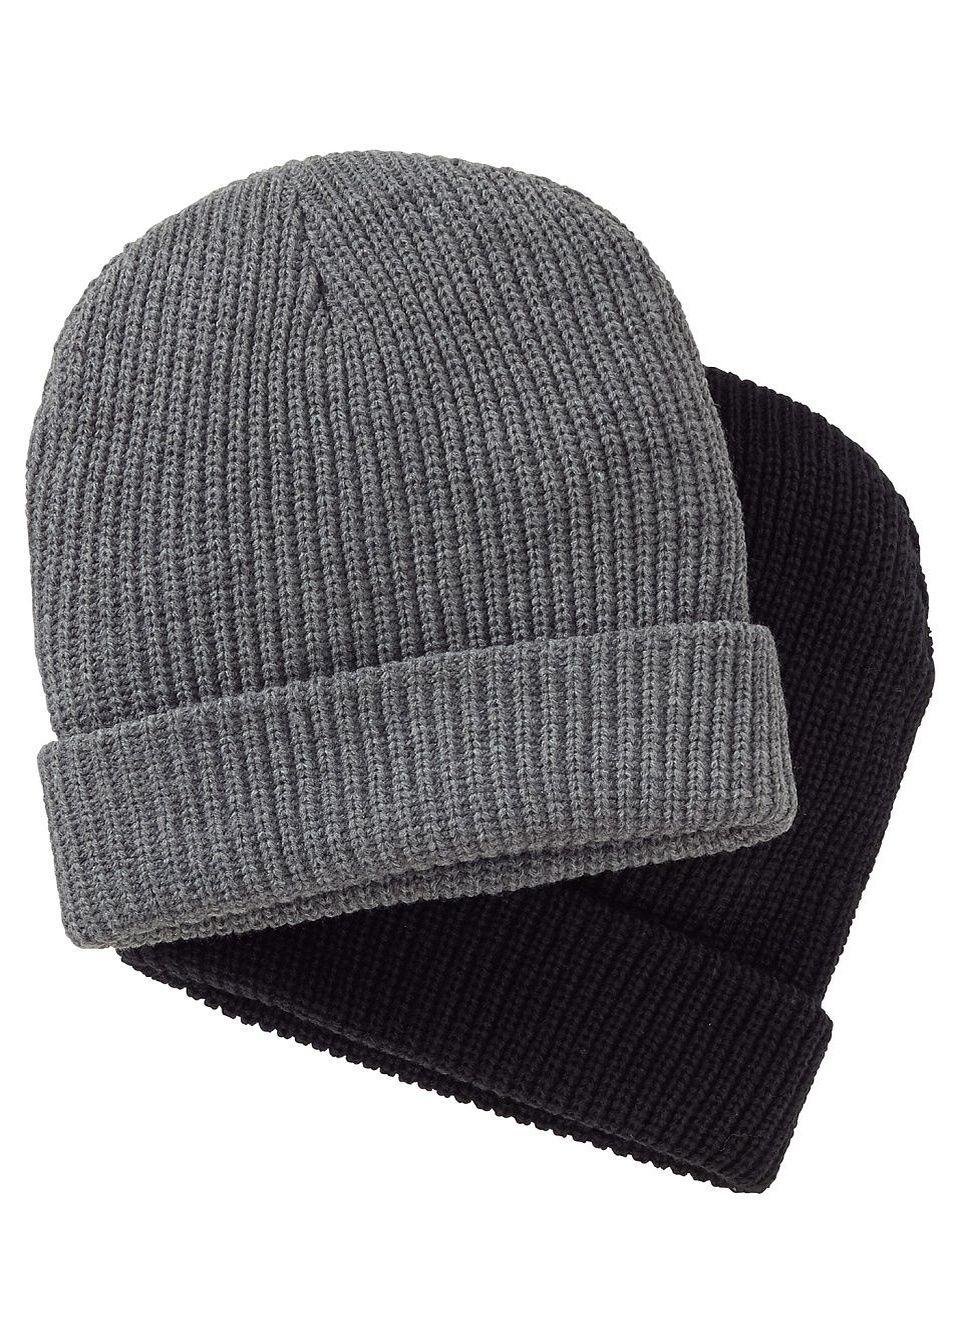 Вязаная шапочка для мужчин (2 шт.)